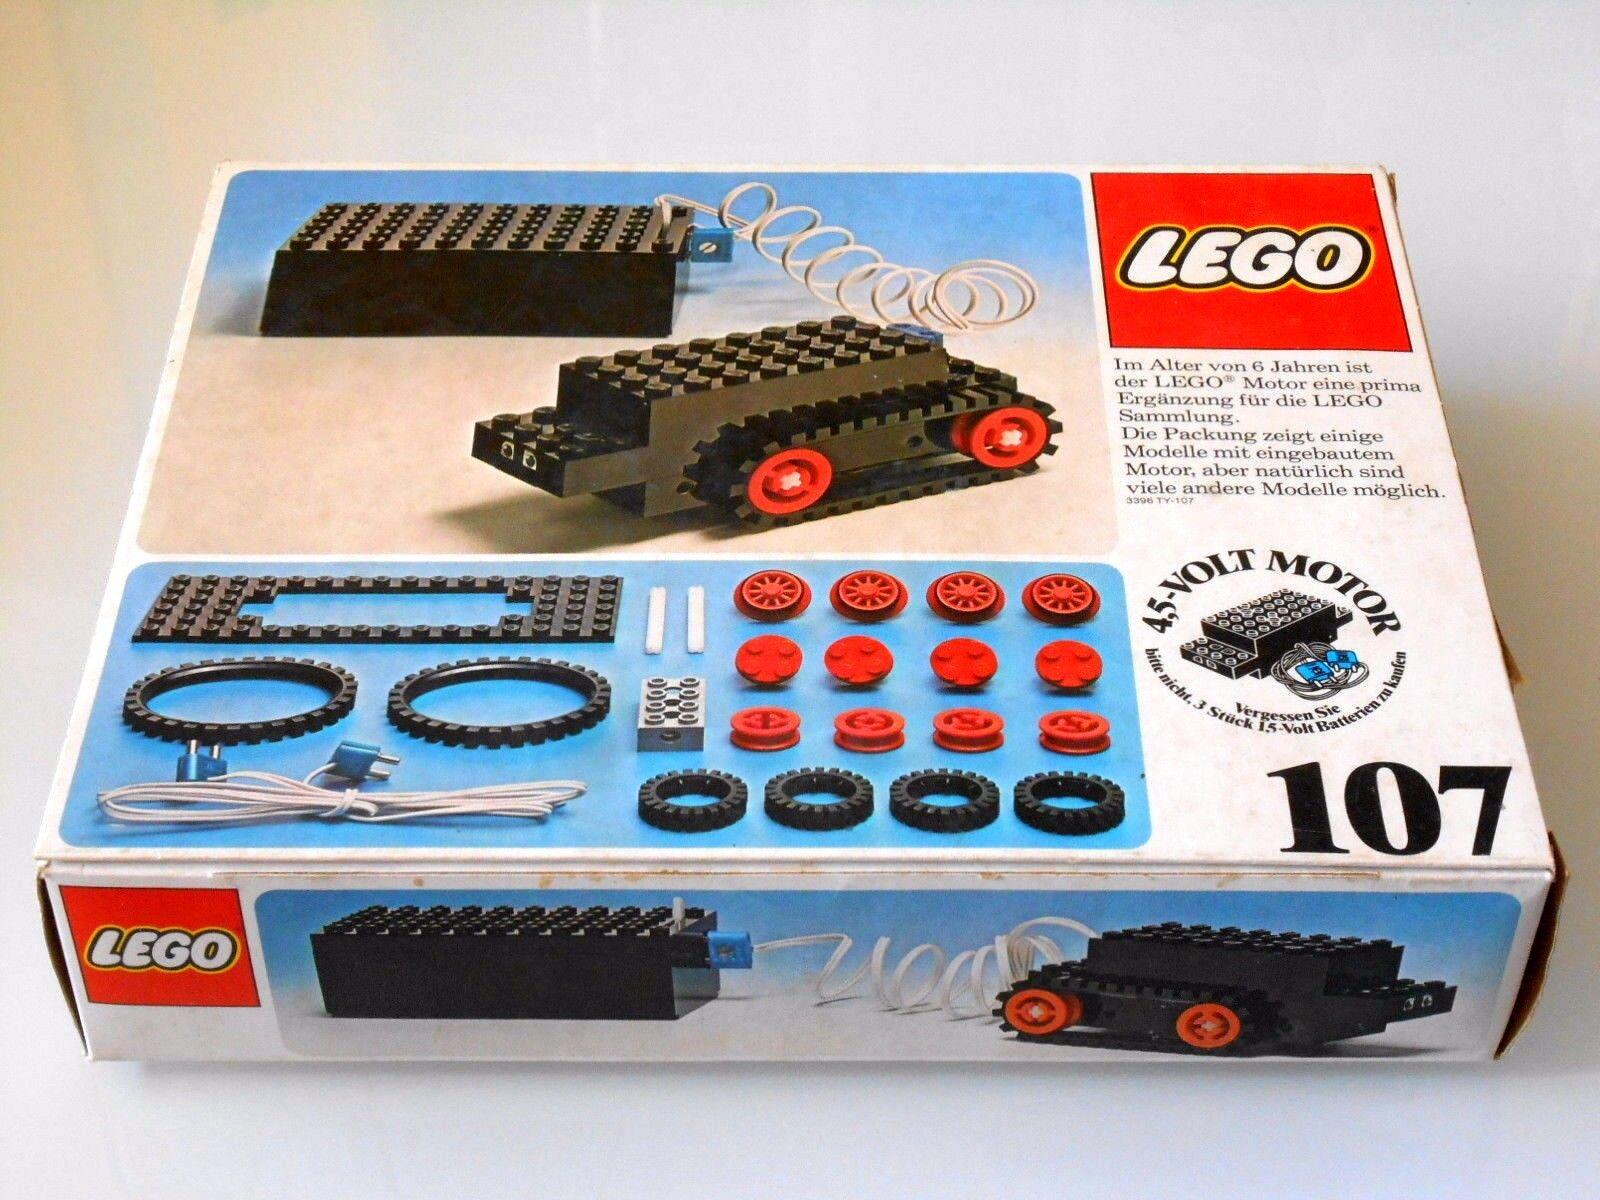 Lego Lego Lego 107 Motor 4 5 Volt mit Batteriekasten-Zubehör   Wie Neu   Blister 72a2bd